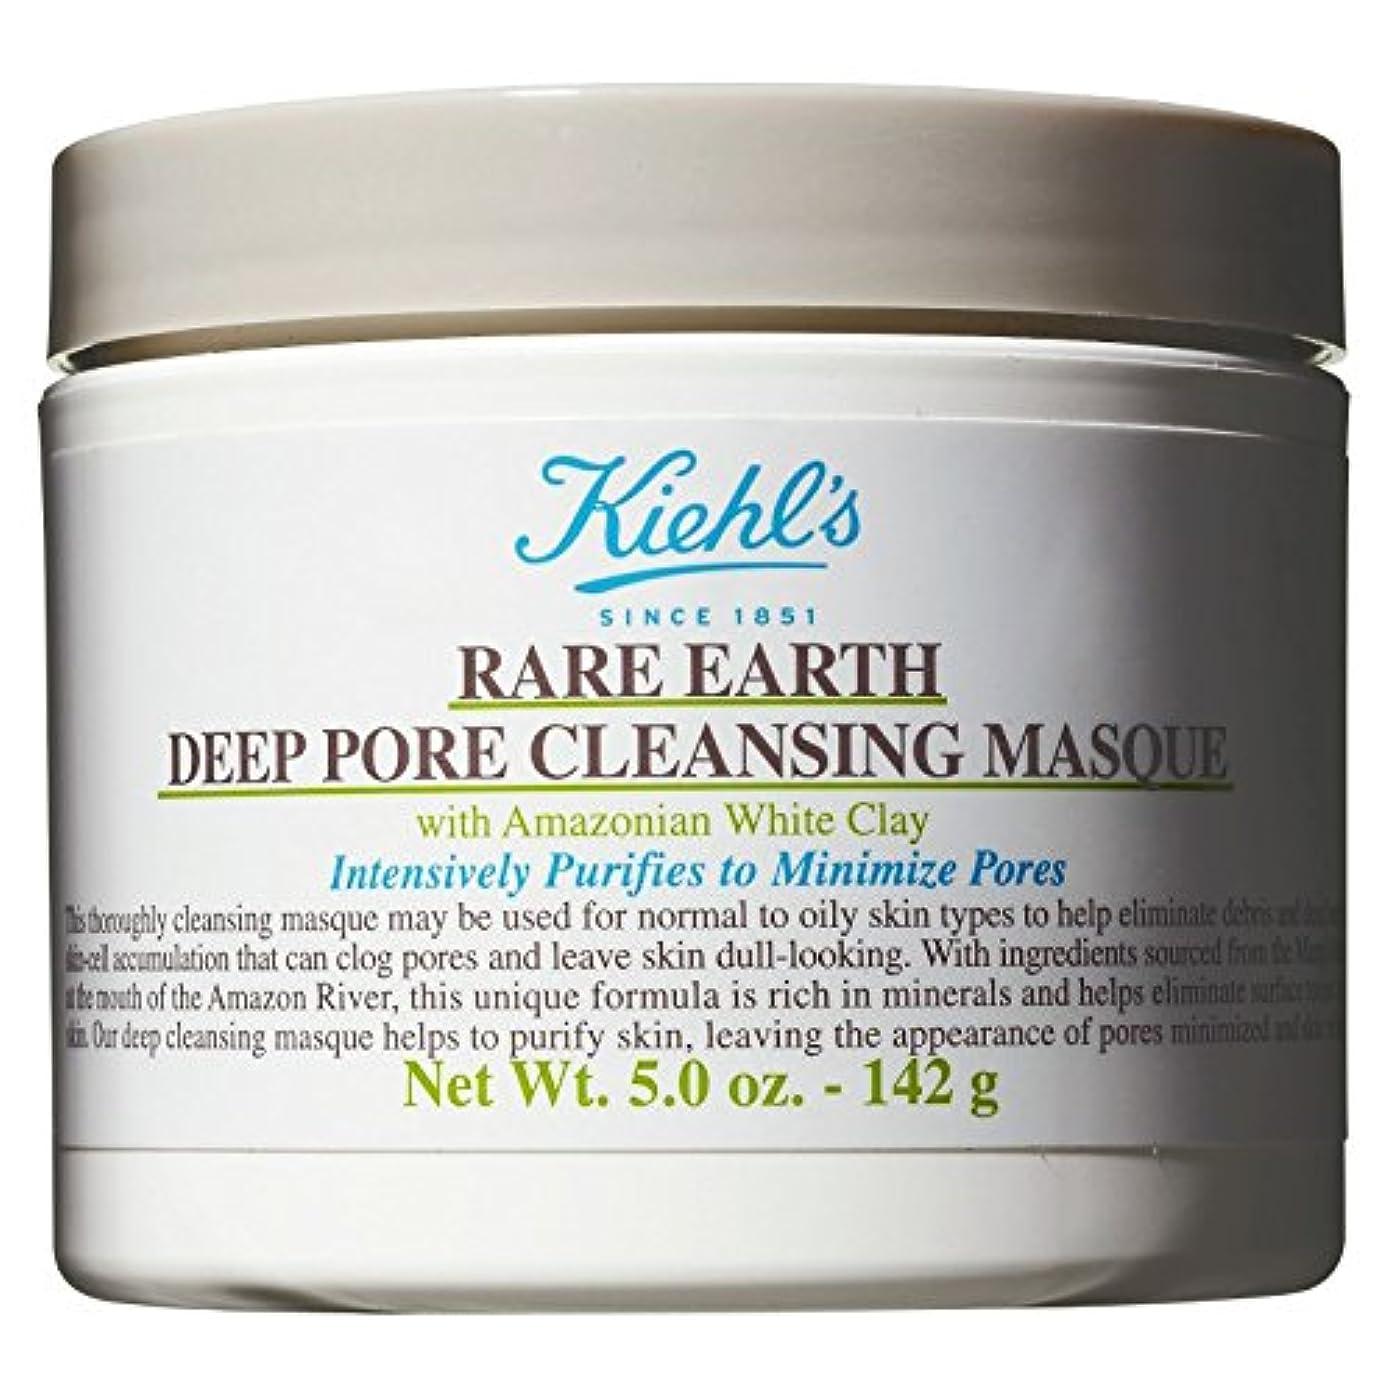 取るに足らないスツール不幸[Kiehl's] キールズ希土類ポアクレンジング仮面の125ミリリットル - Kiehl's Rare Earth Pore Cleansing Masque 125ml [並行輸入品]